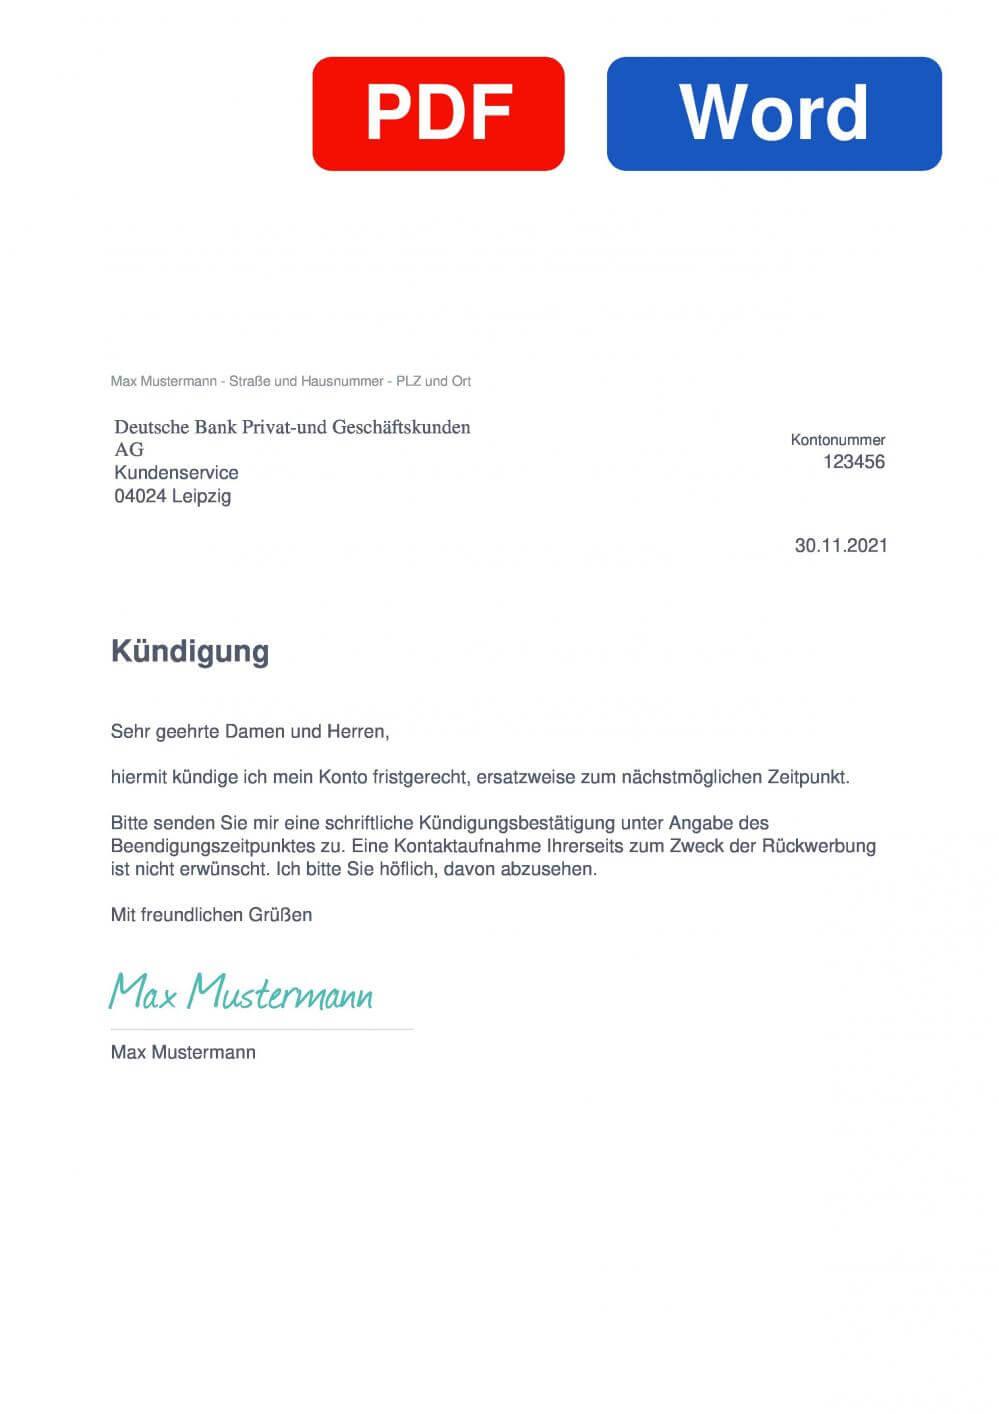 Deutsche Bank BestKonto Muster Vorlage für Kündigungsschreiben